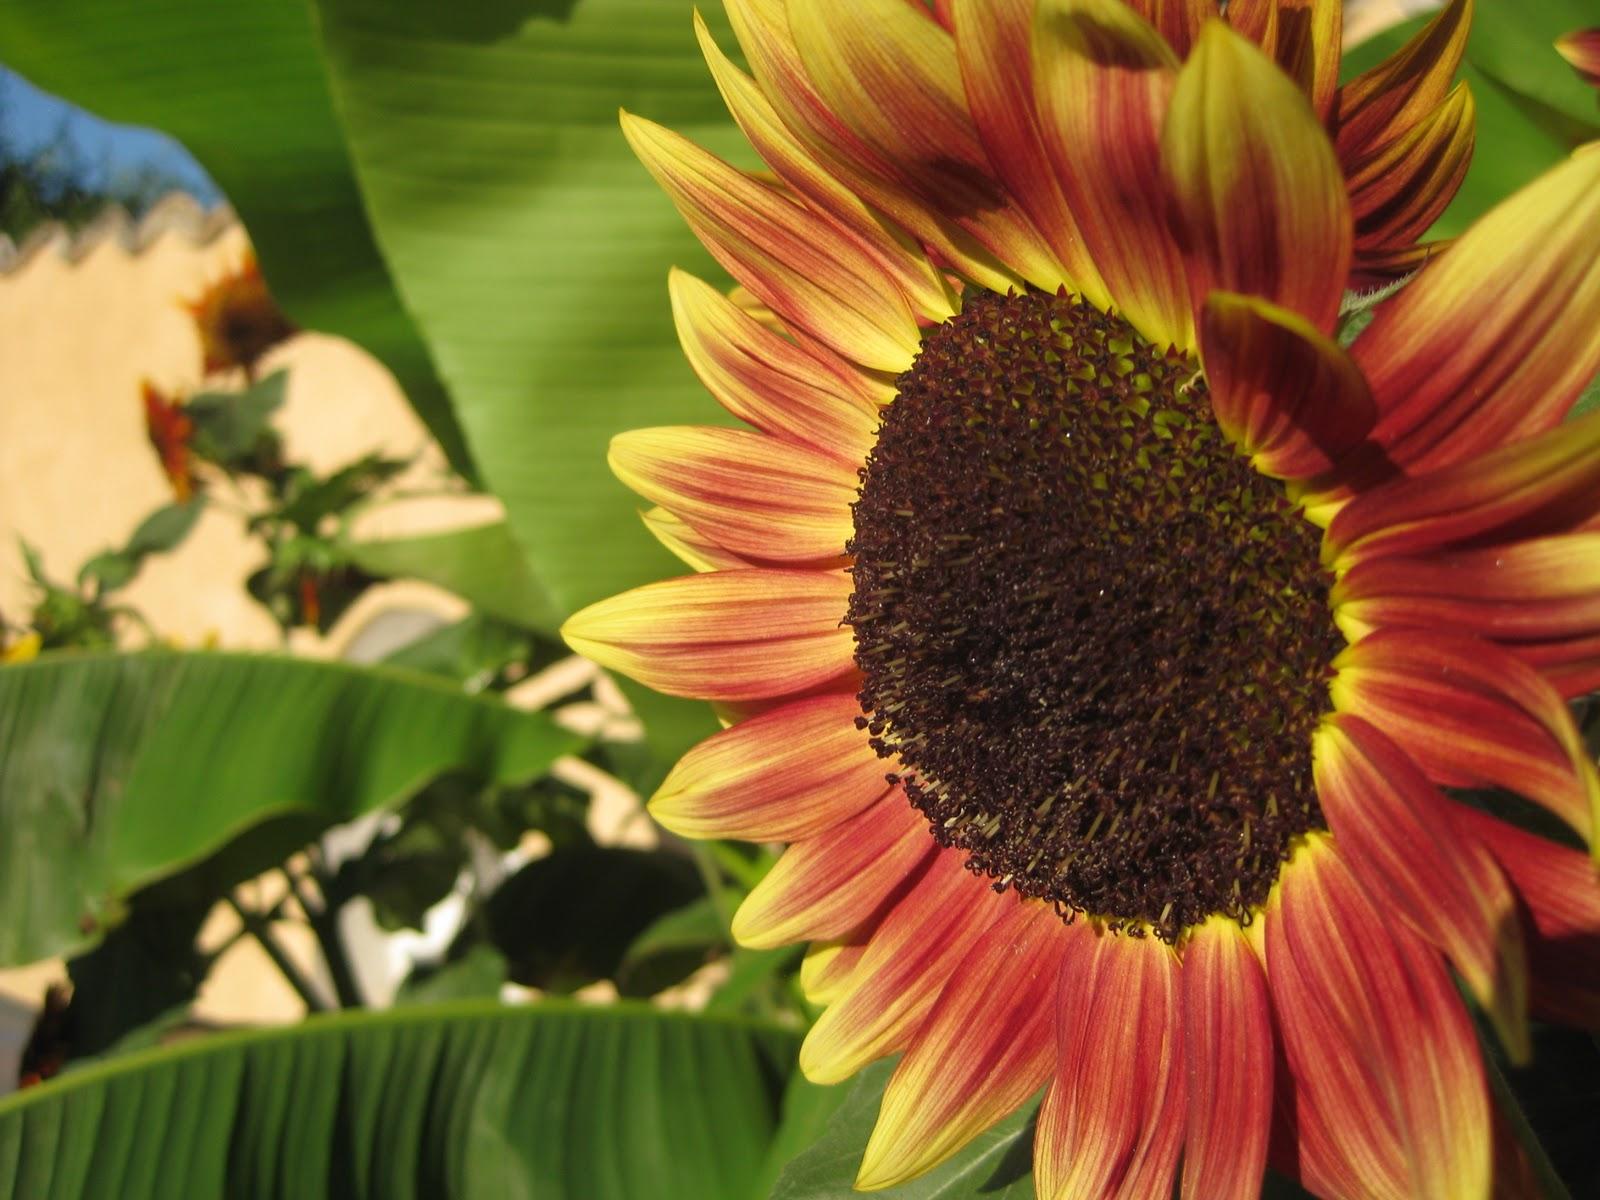 http://2.bp.blogspot.com/-5TcevoLcrOw/TqLrDzPLSAI/AAAAAAAAEMA/Zvz6legi3e8/s1600/Wallpaper-j5-sunflower.jpg